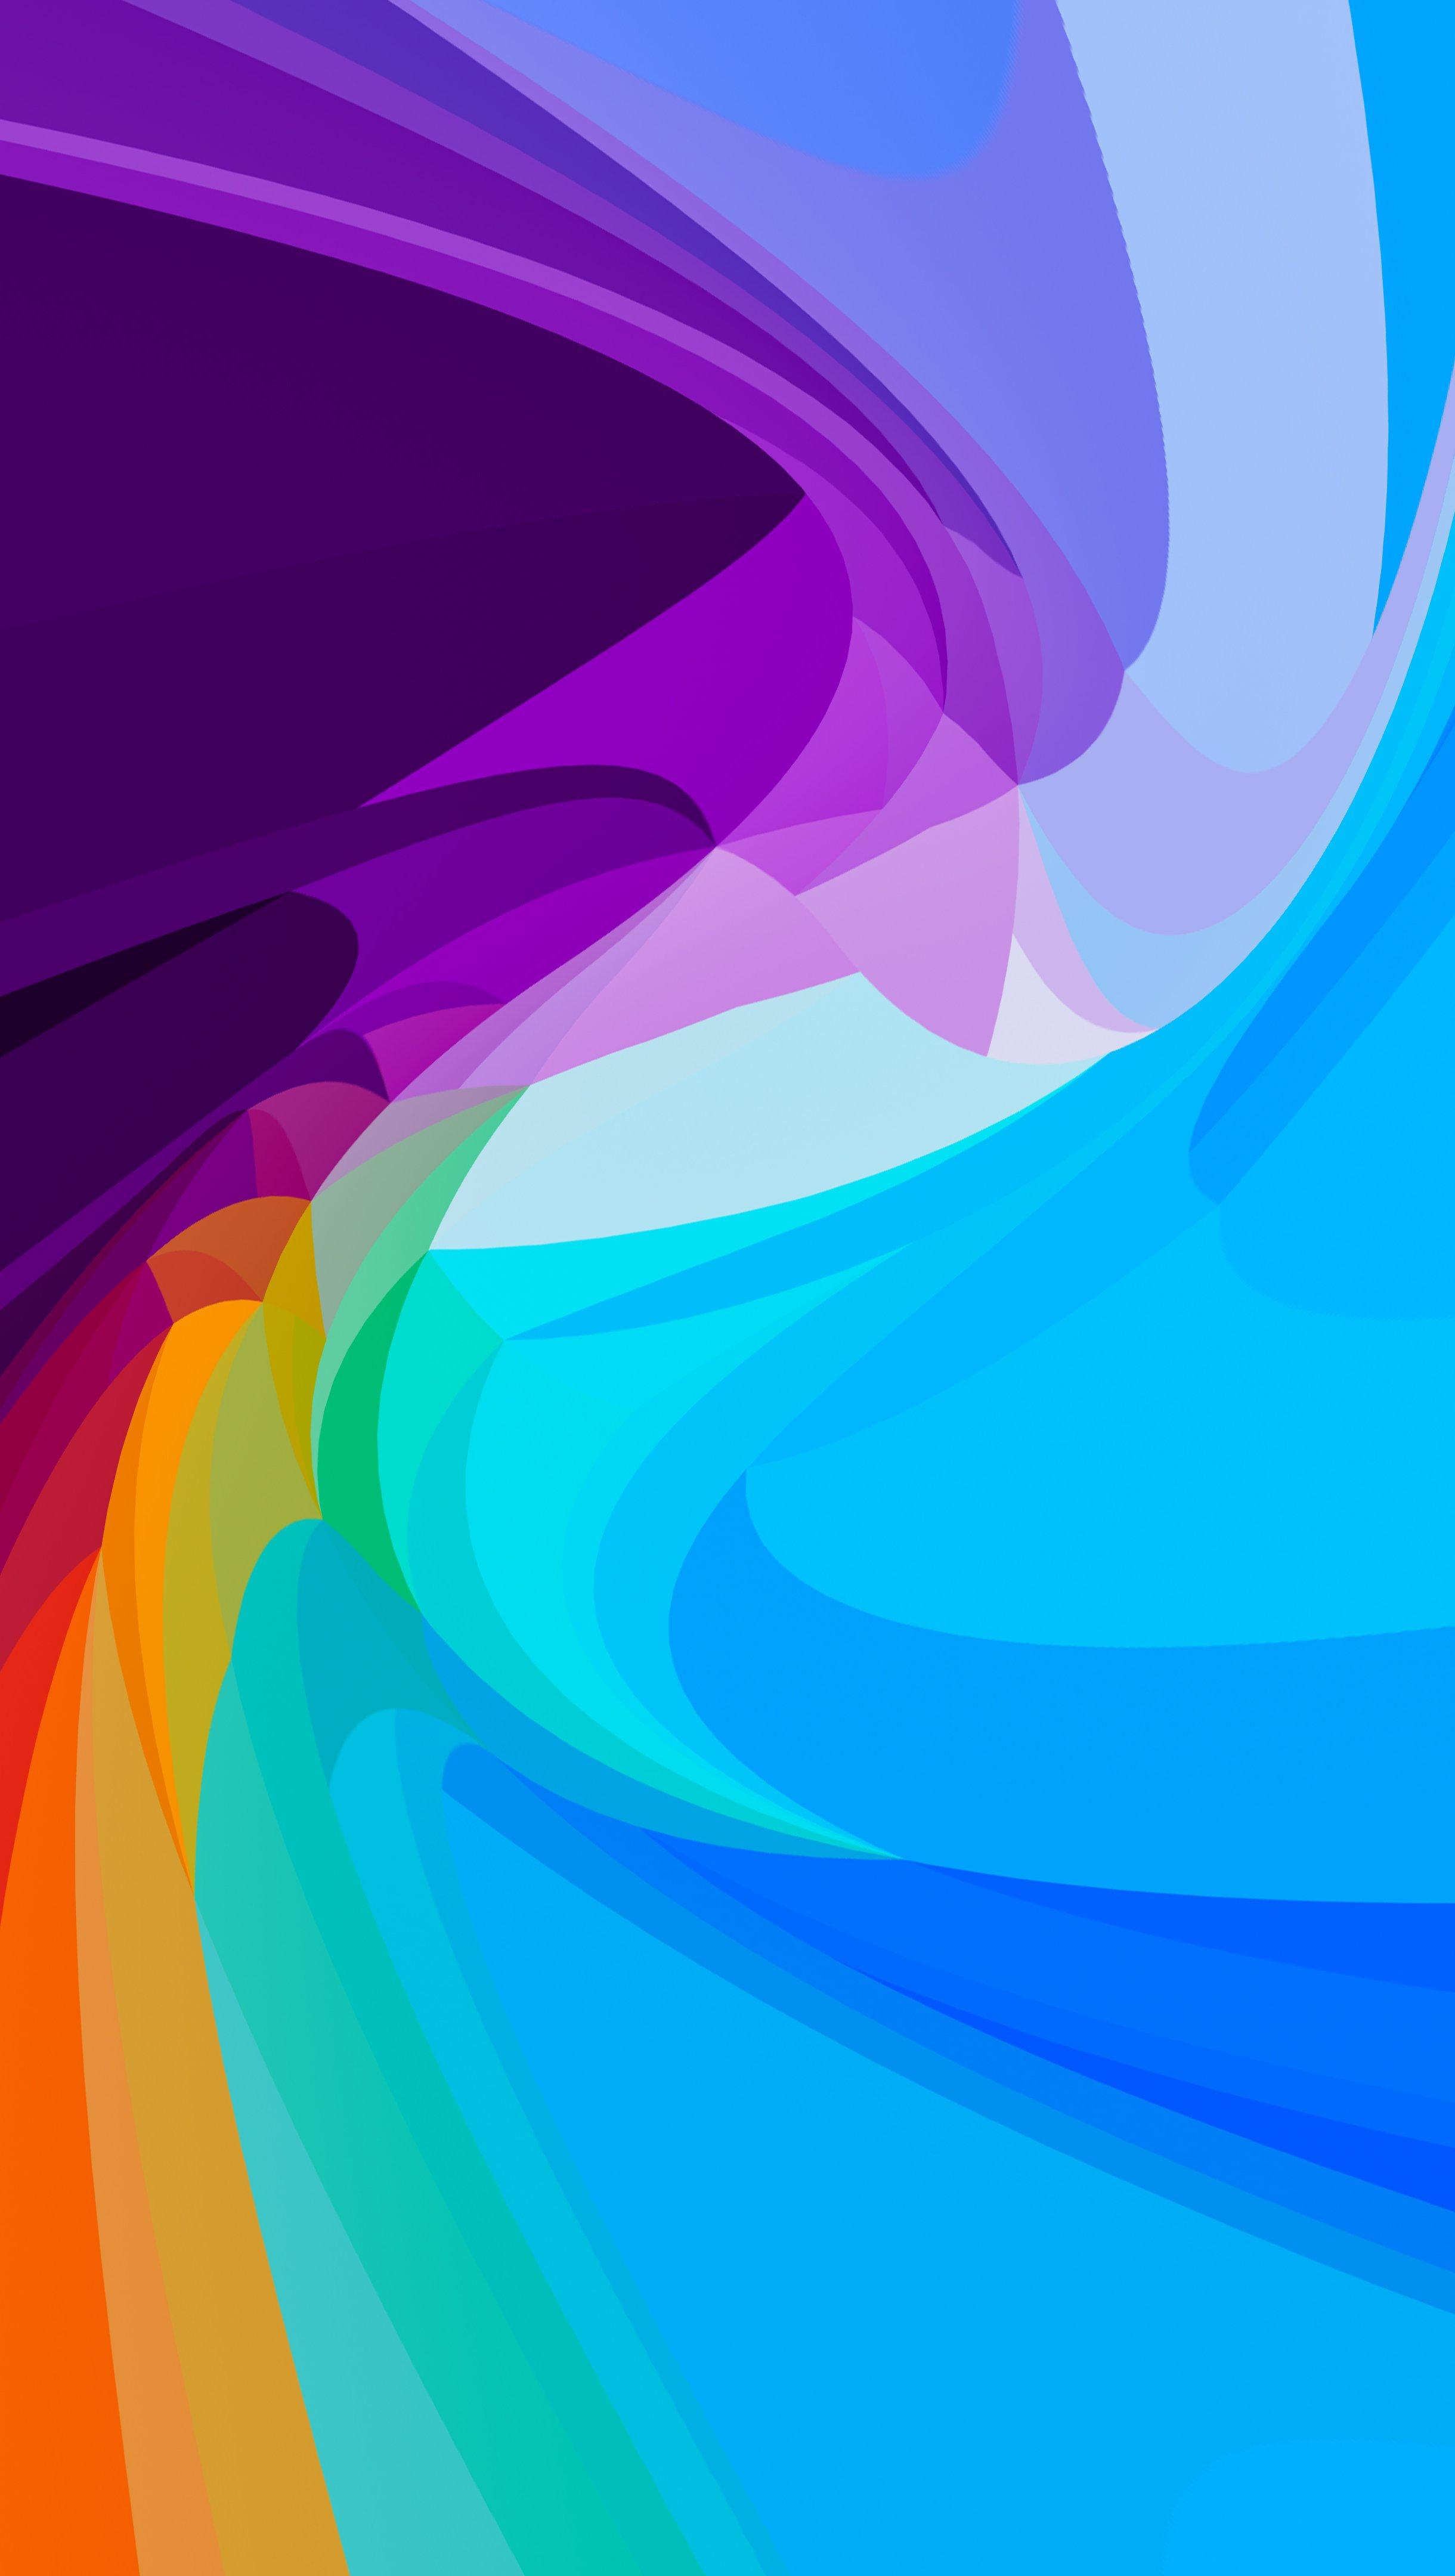 Fondos de pantalla Colores unidos Vertical